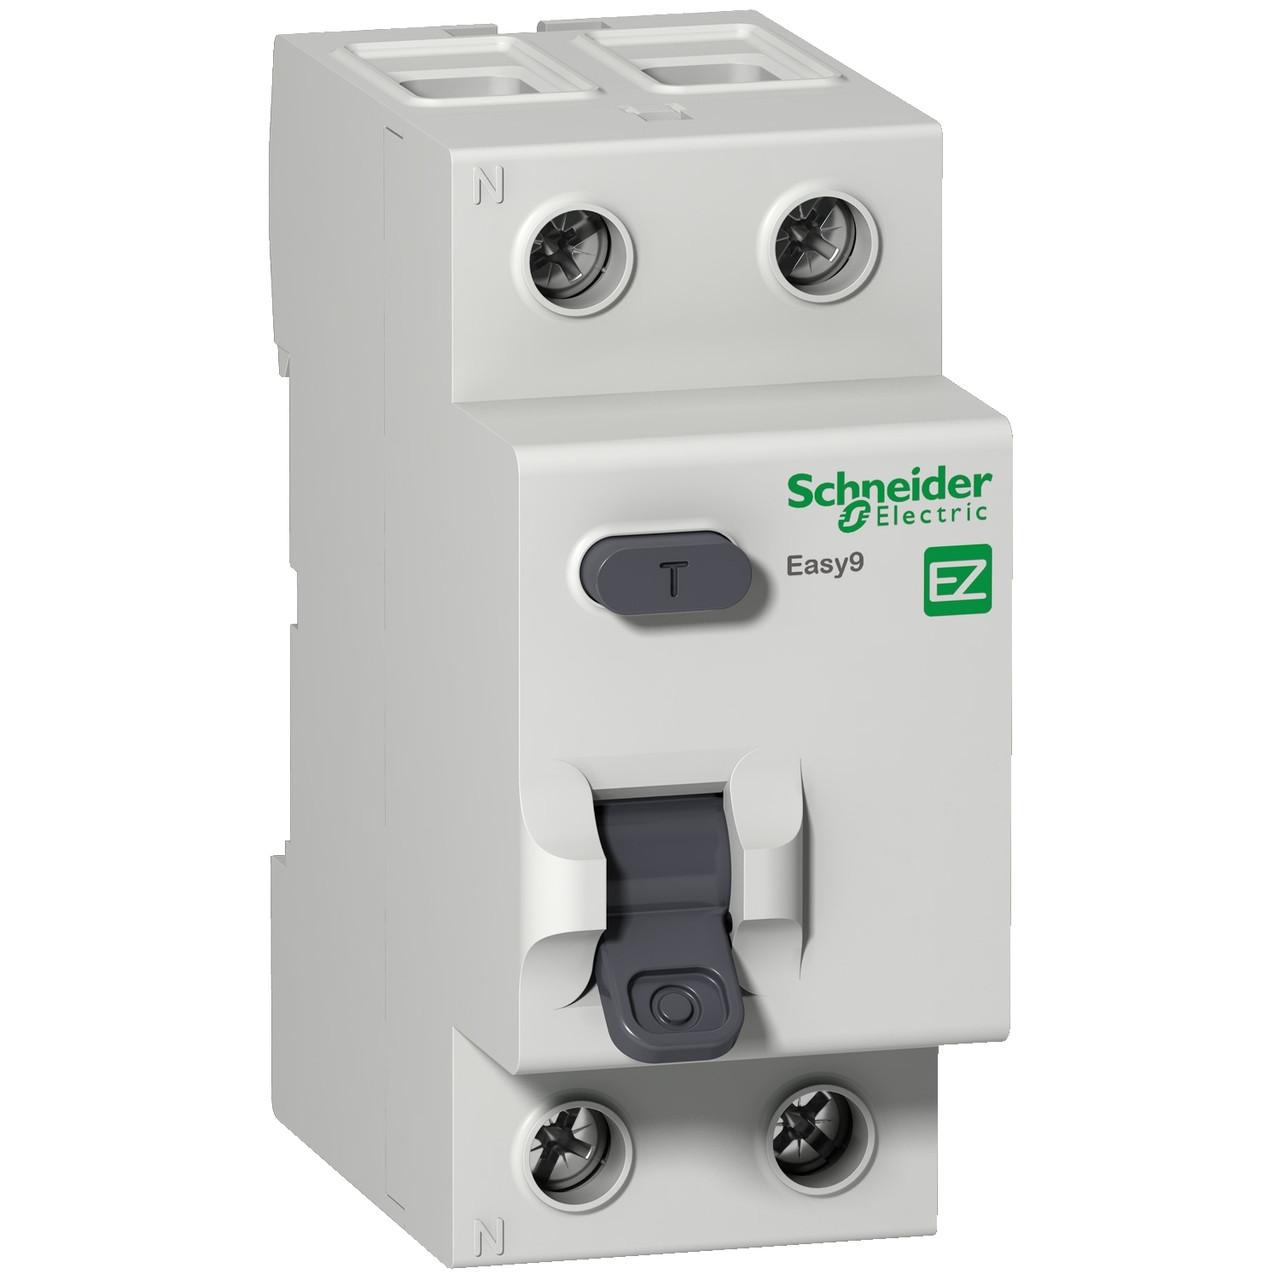 Дифференциальный выключатель EZ9R14225 Easy9 Schneider 2П 25A 10MA AC 36мм